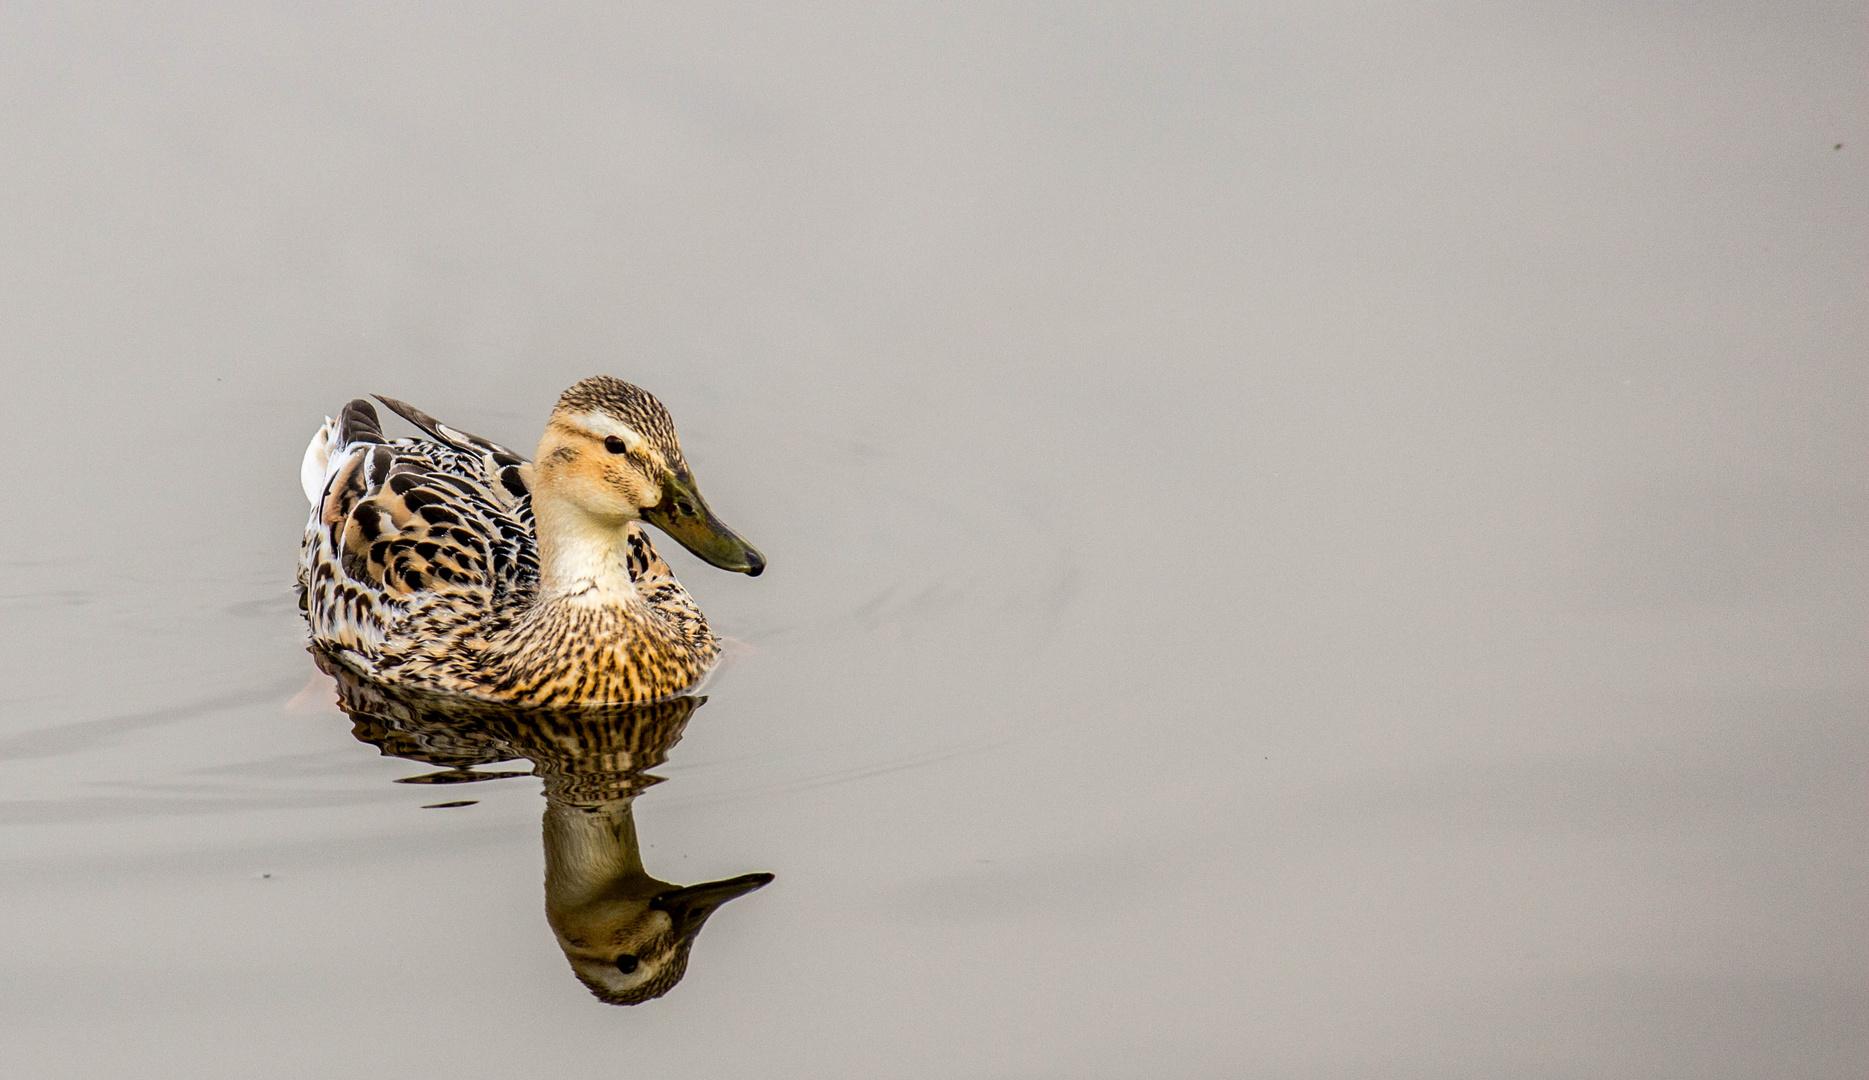 Ente auf dem Schlossteich in Gifhorn